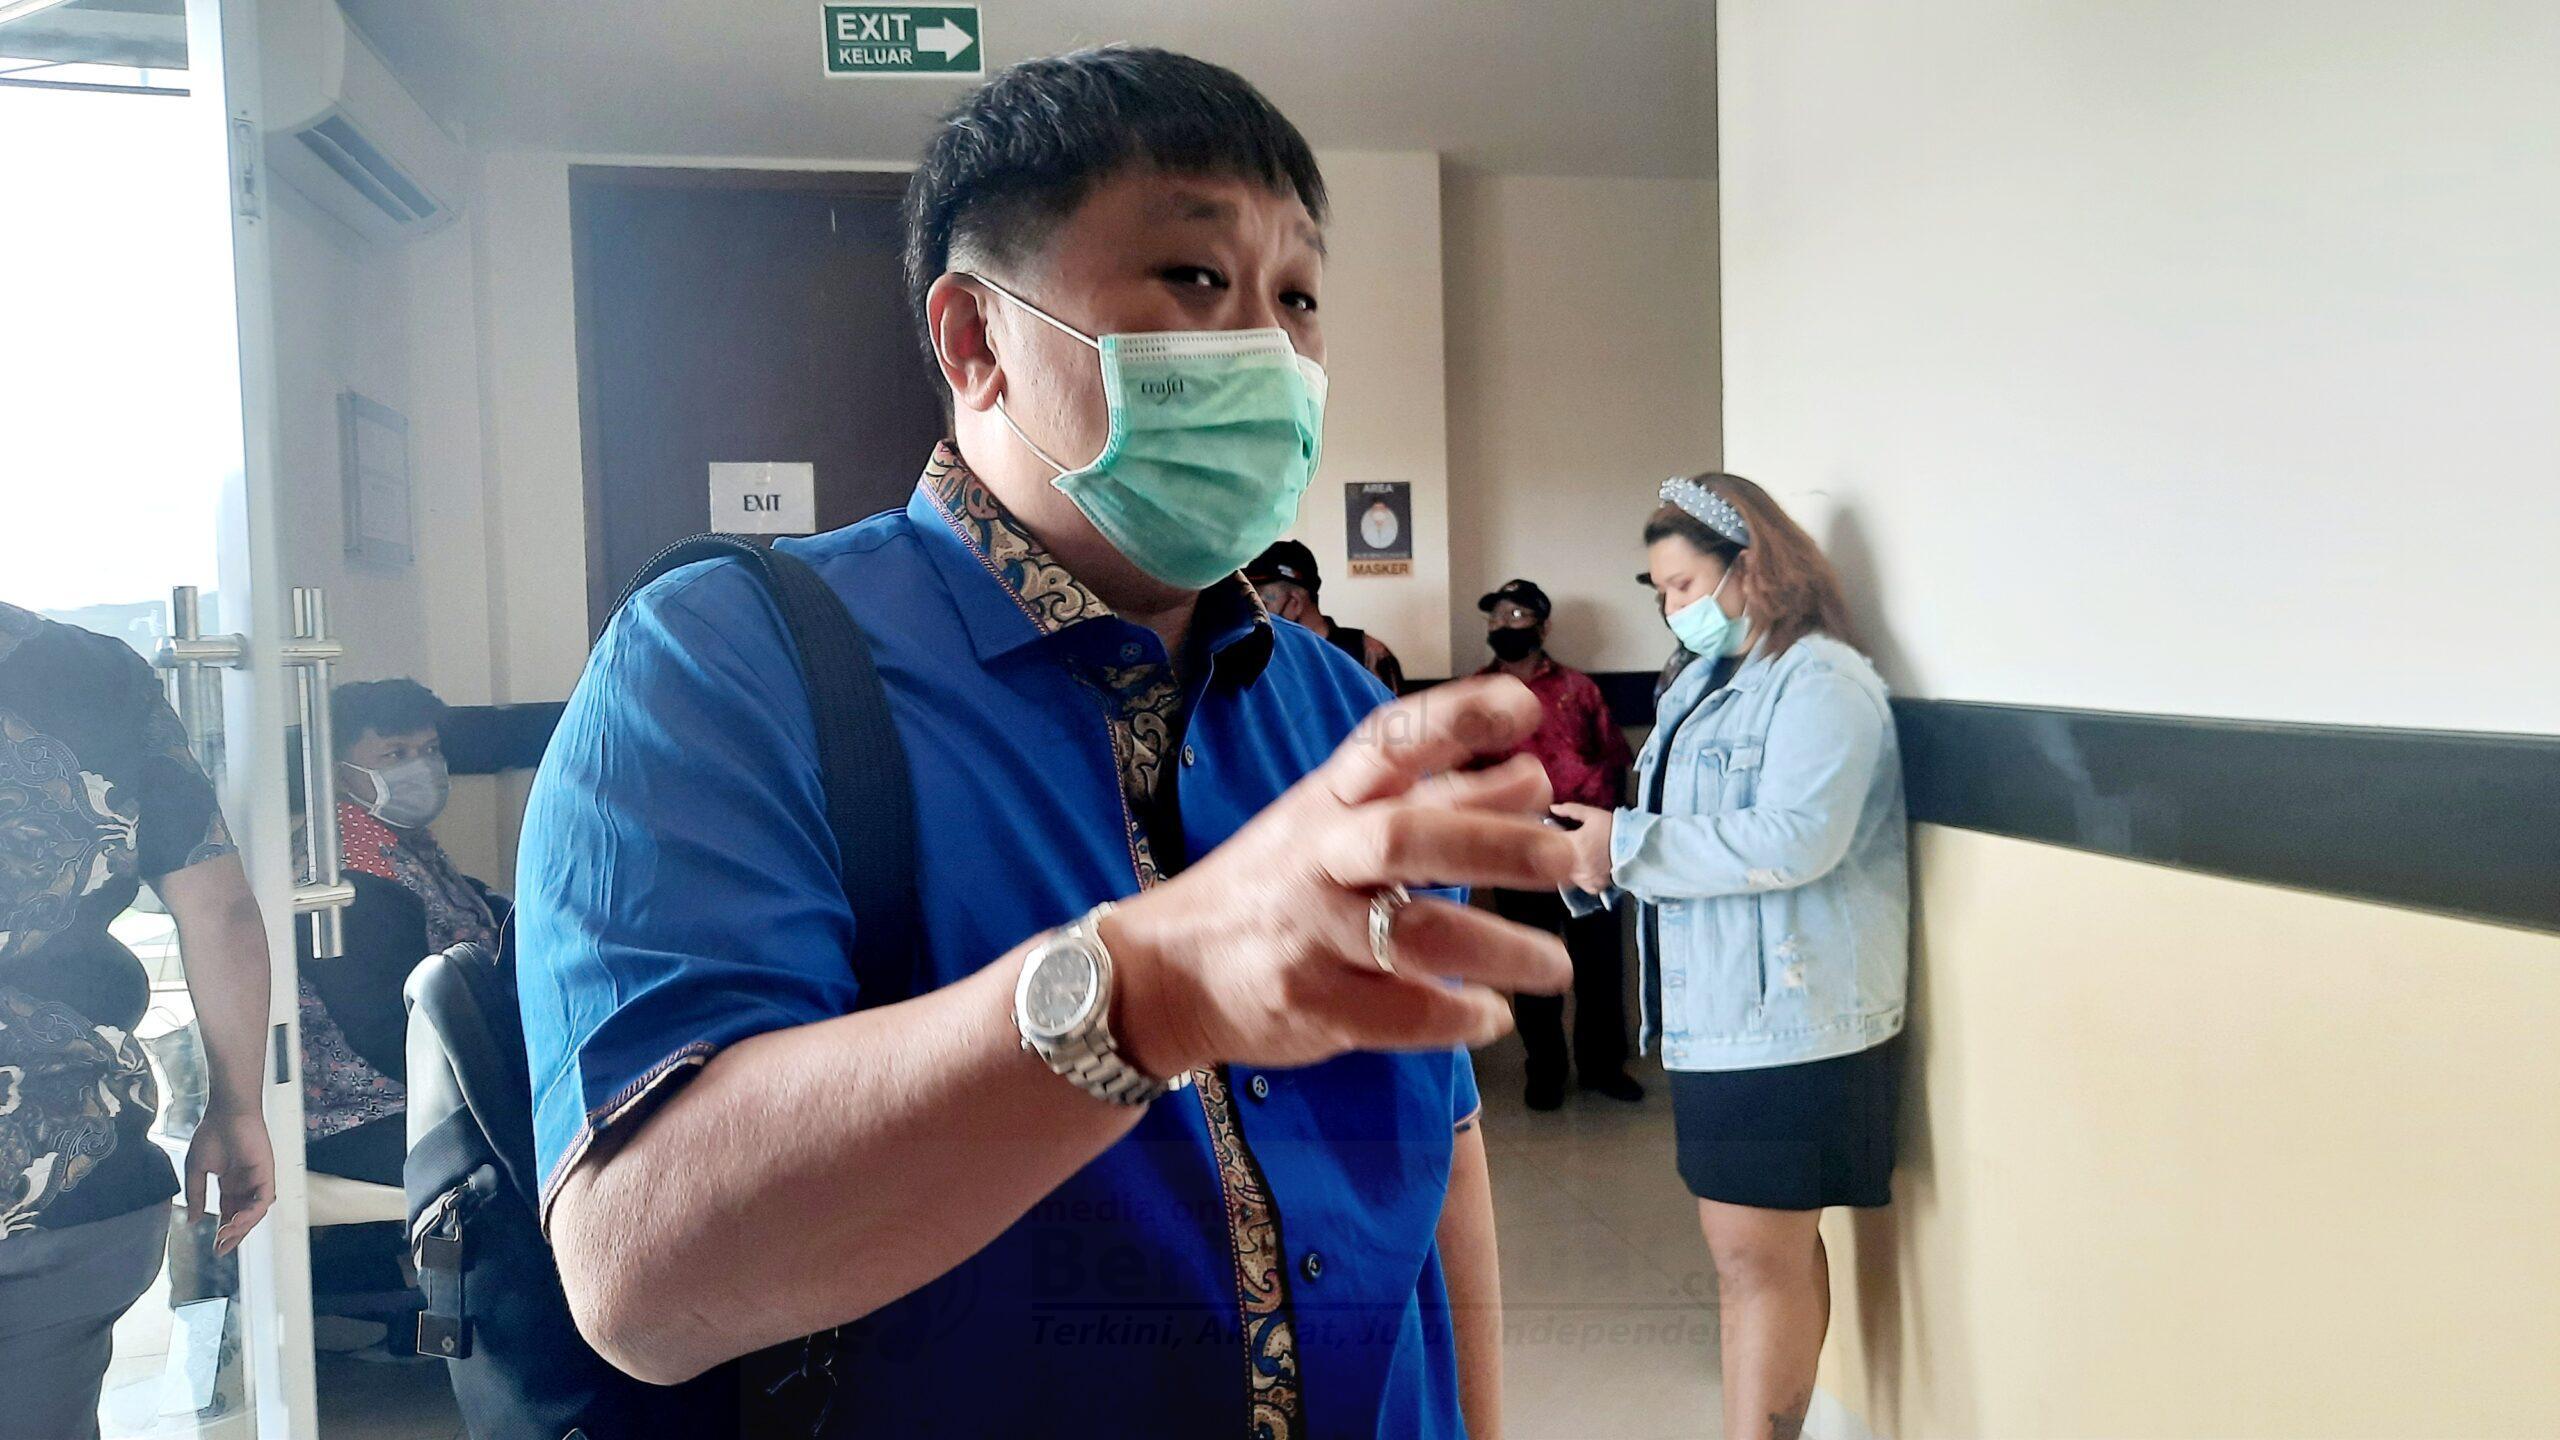 Hilangnya Progres Vaksin Merah Putih, Rico Sia: Jangan Sampai Nasionalis Terkikis 8 20201222 125908 scaled